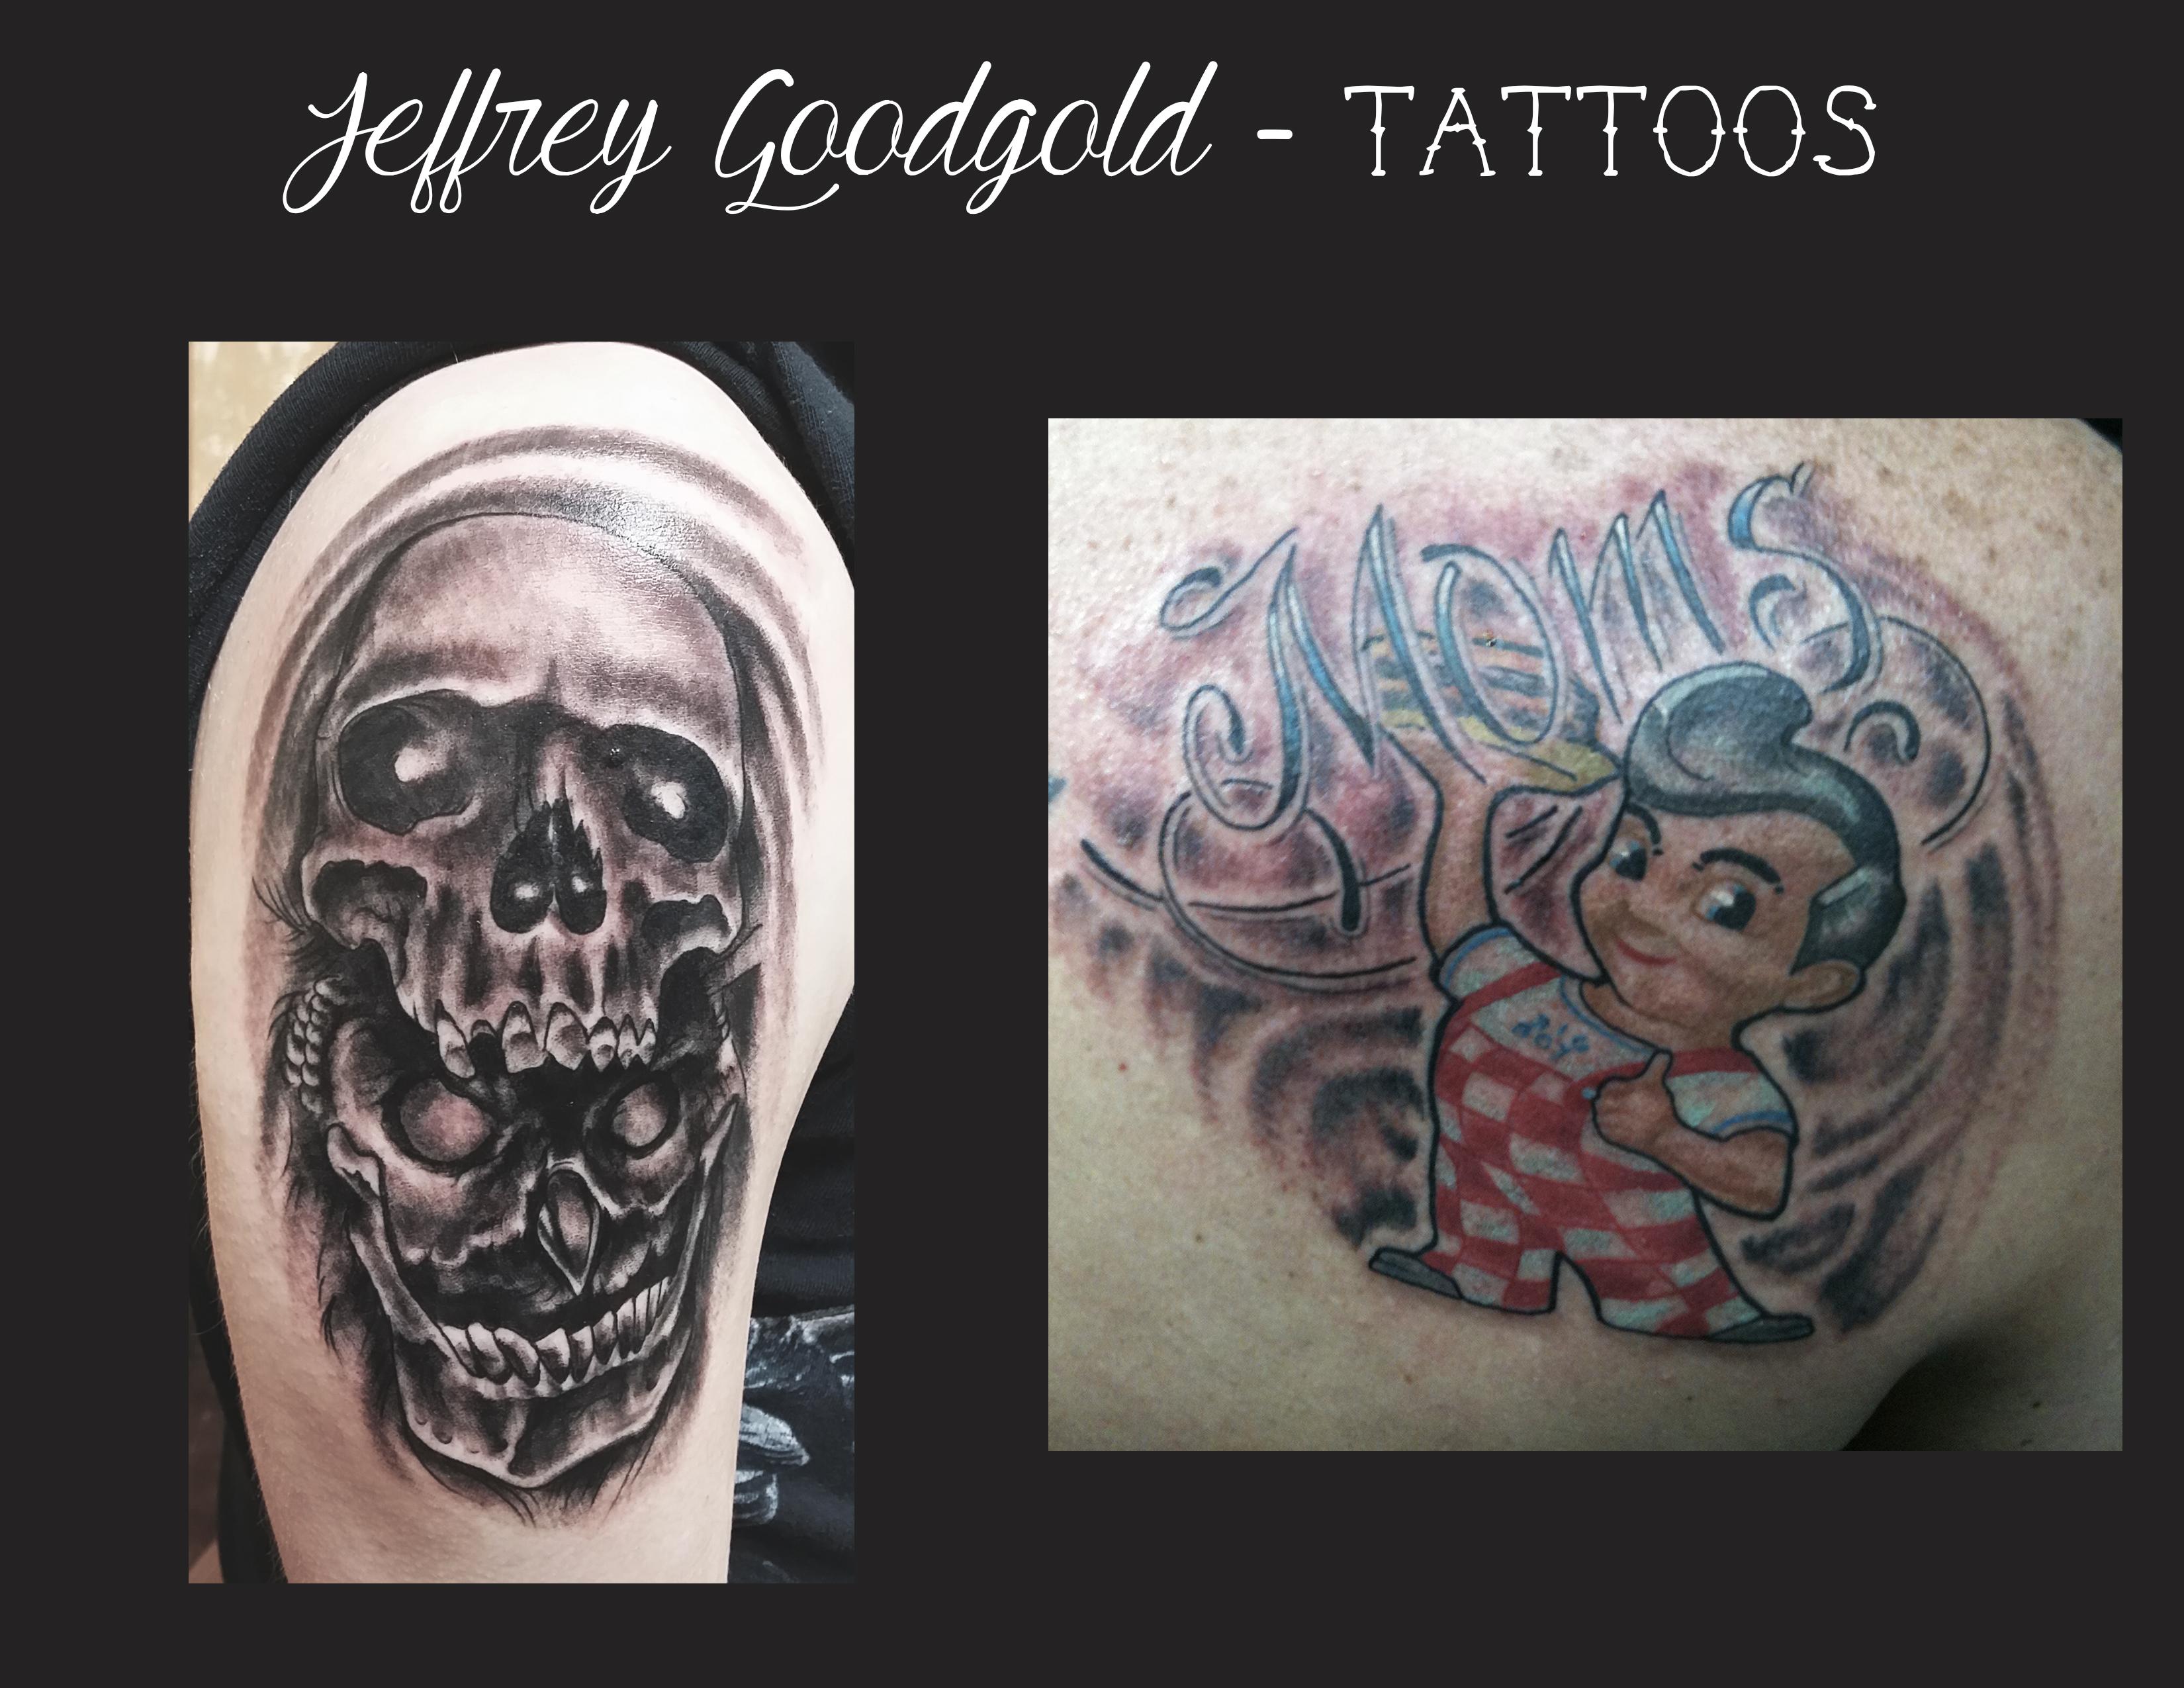 Owl skull & Big boy tattoo